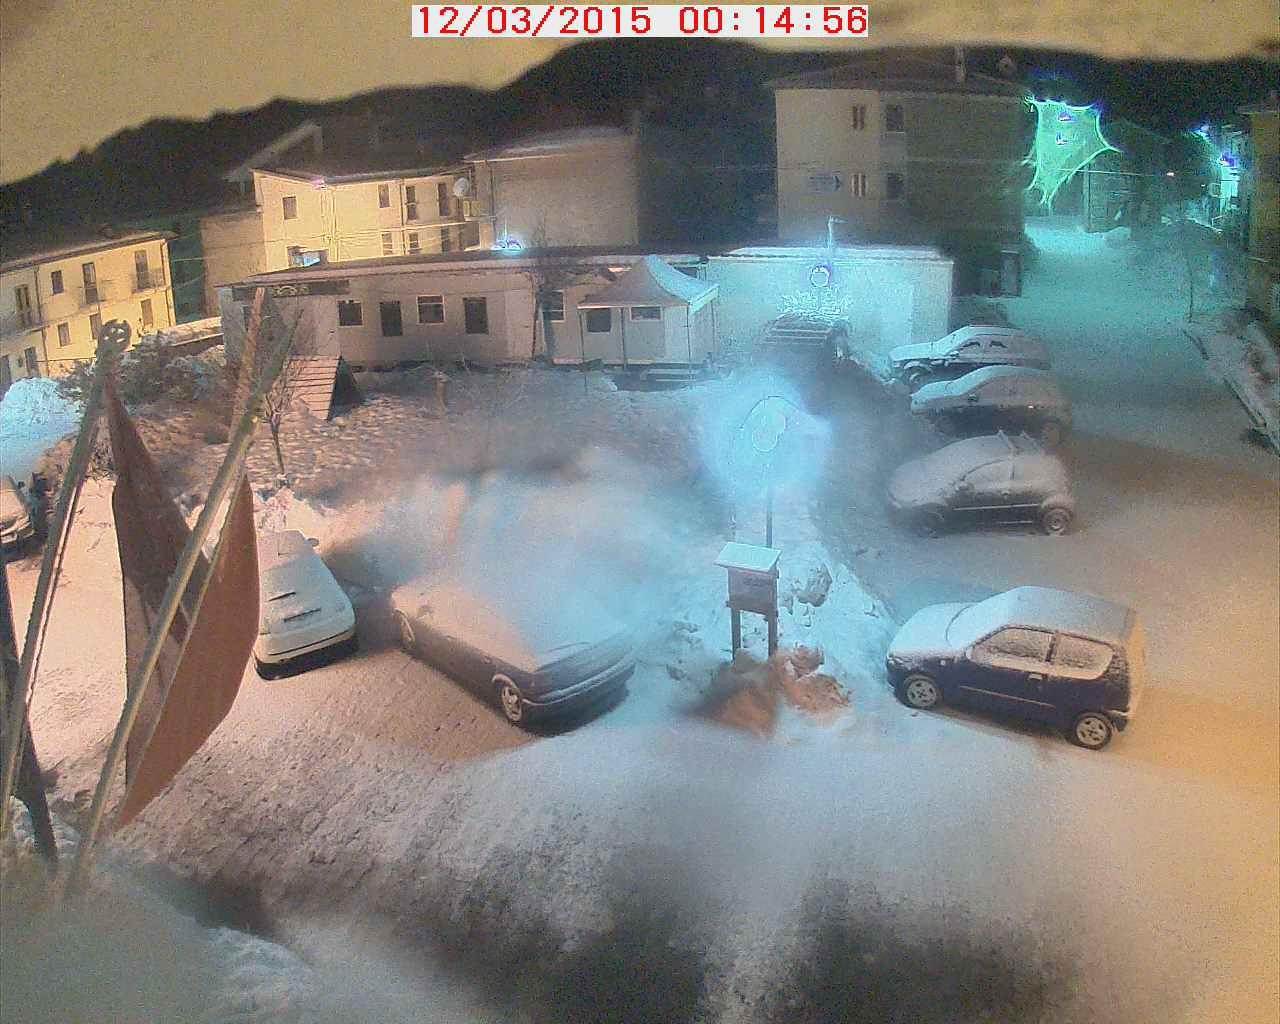 Forte nevicata a Campotosto, irrompe l'aria fredda